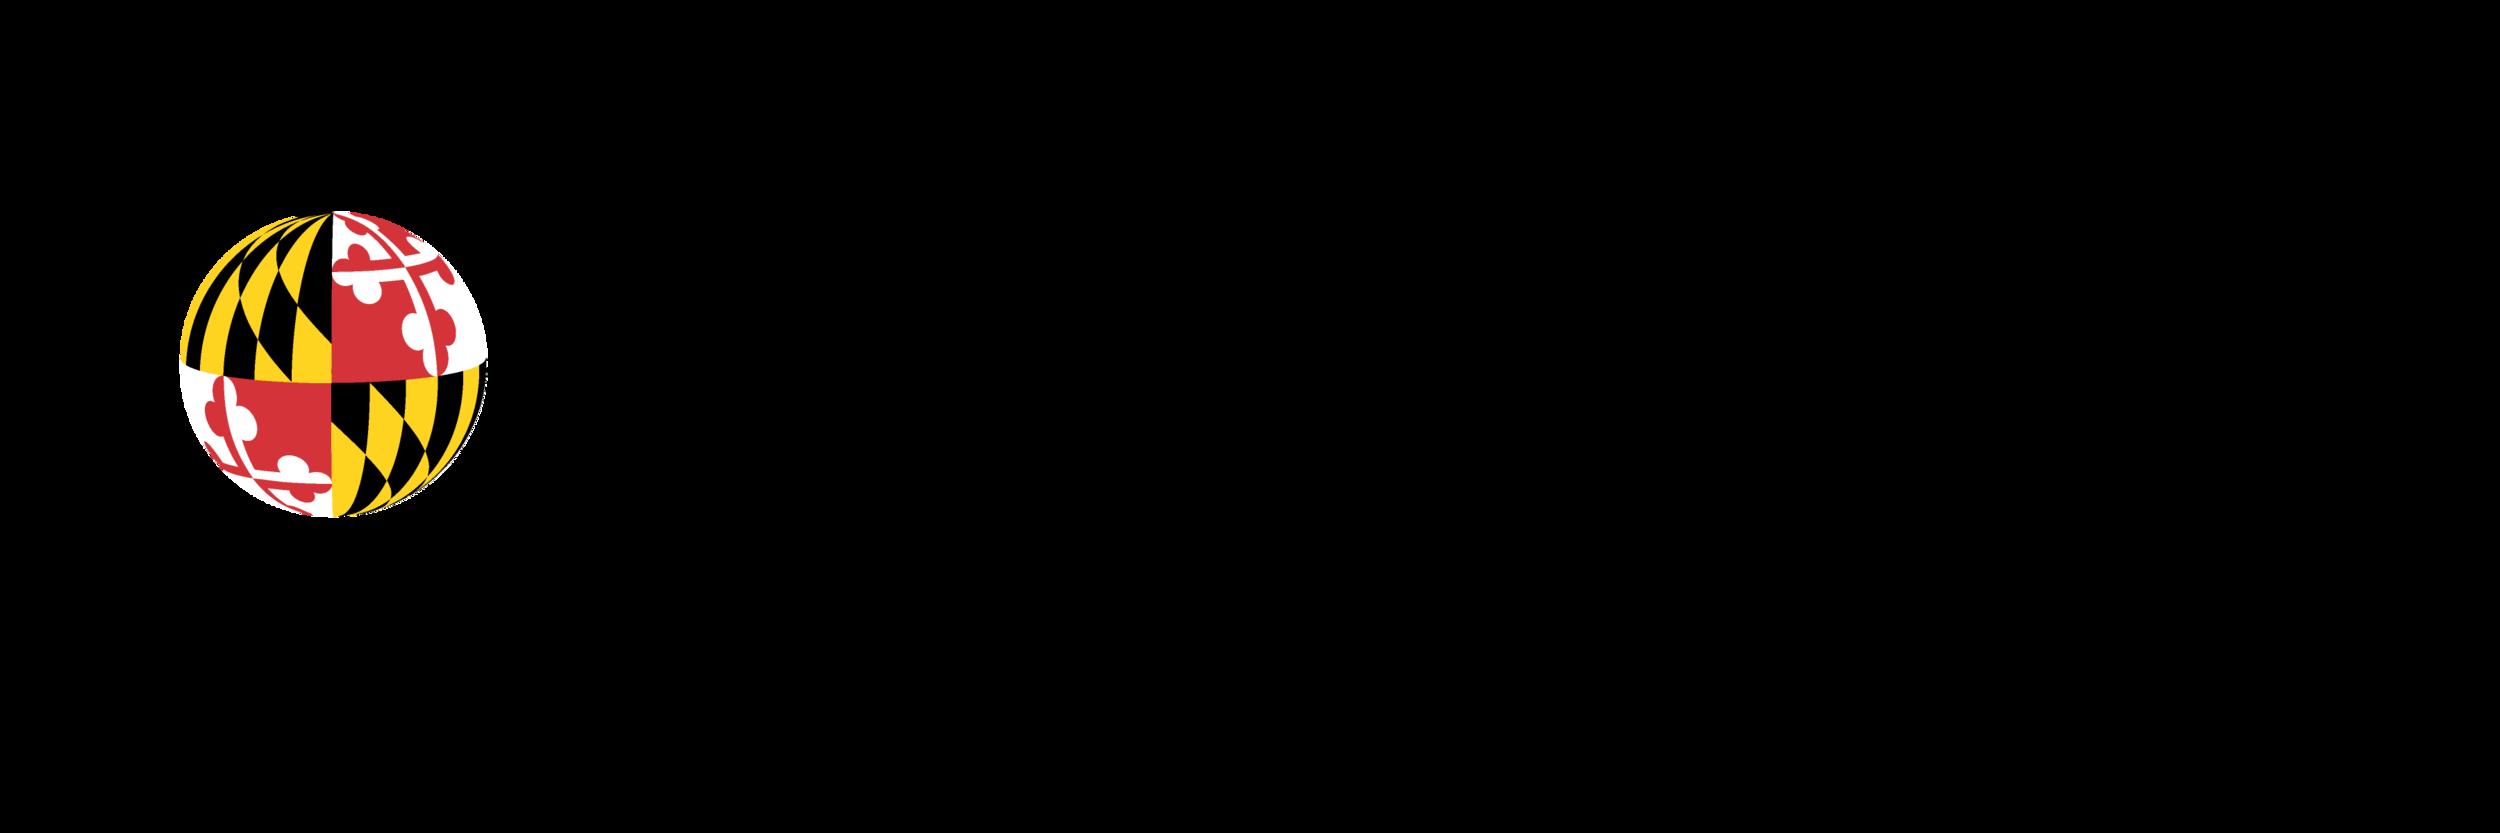 UMD-logo_rgb_3600x1200.png